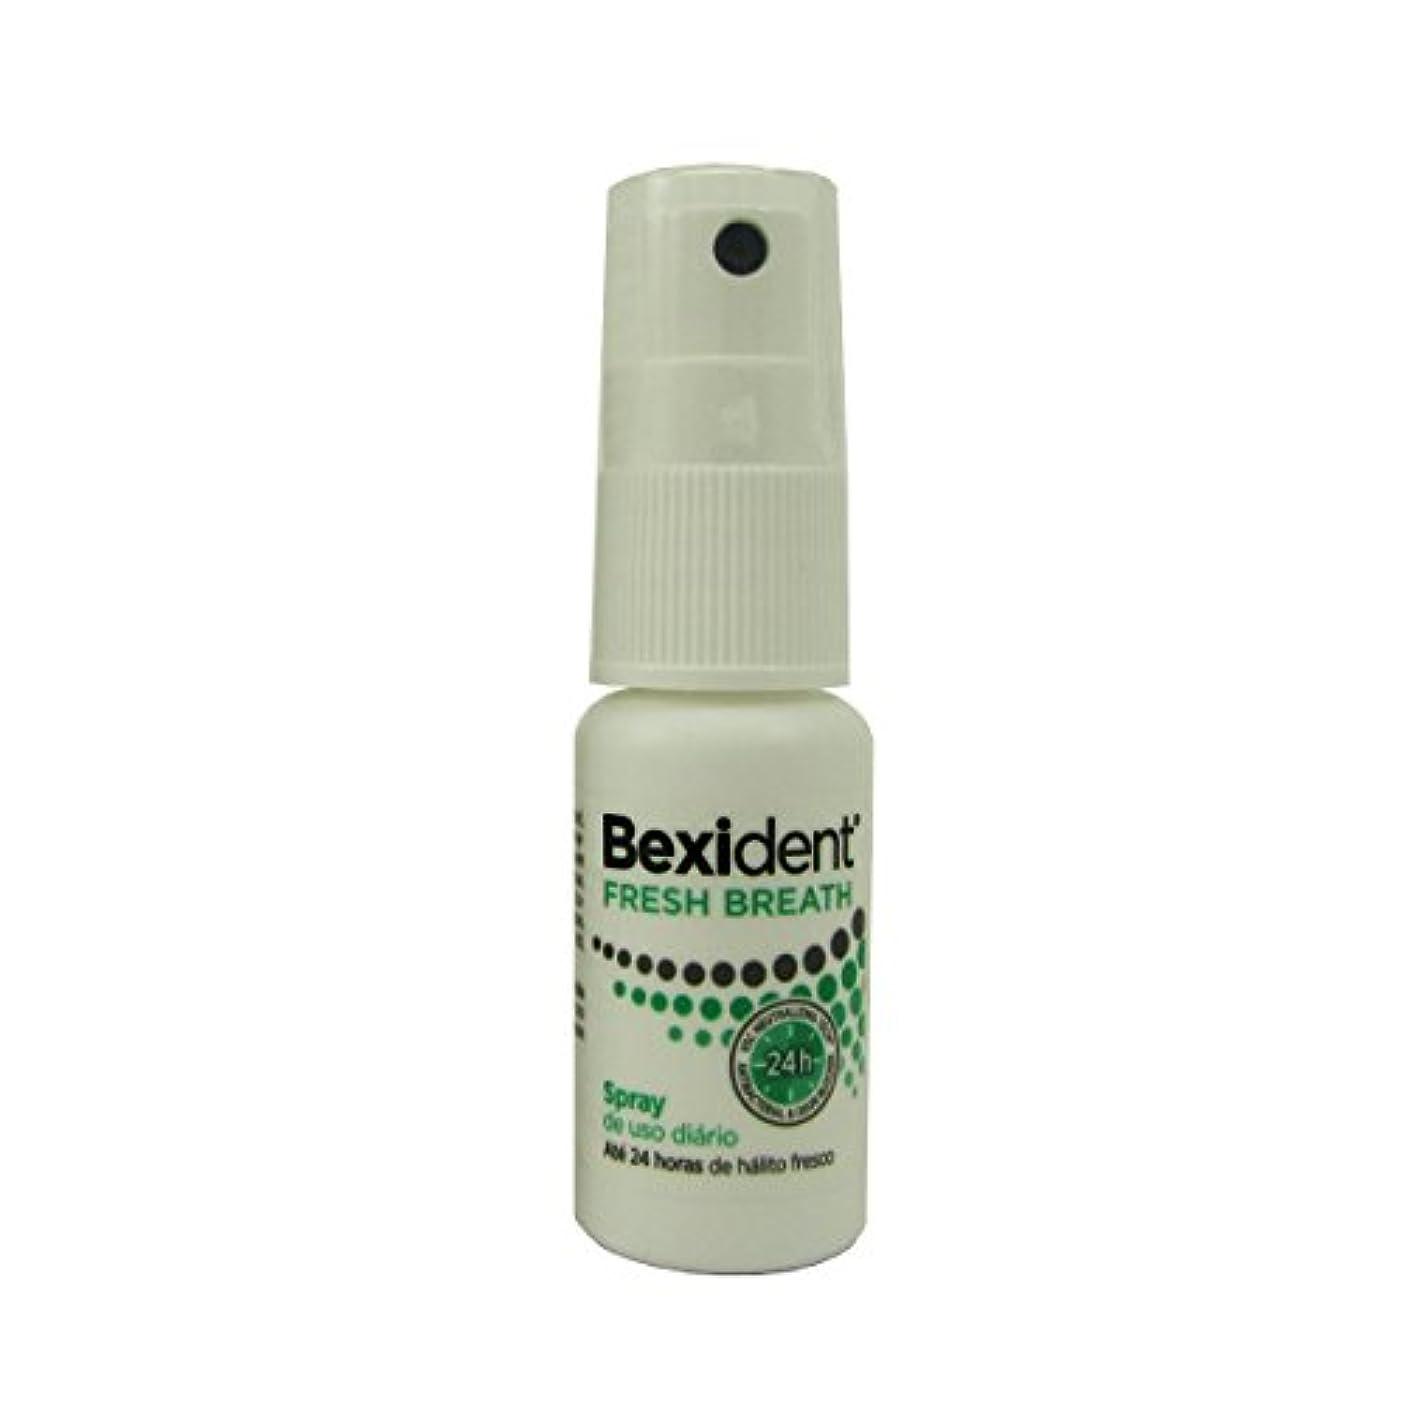 順応性のあるモード踏み台Bexident Fresh Breath Spray 15ml [並行輸入品]